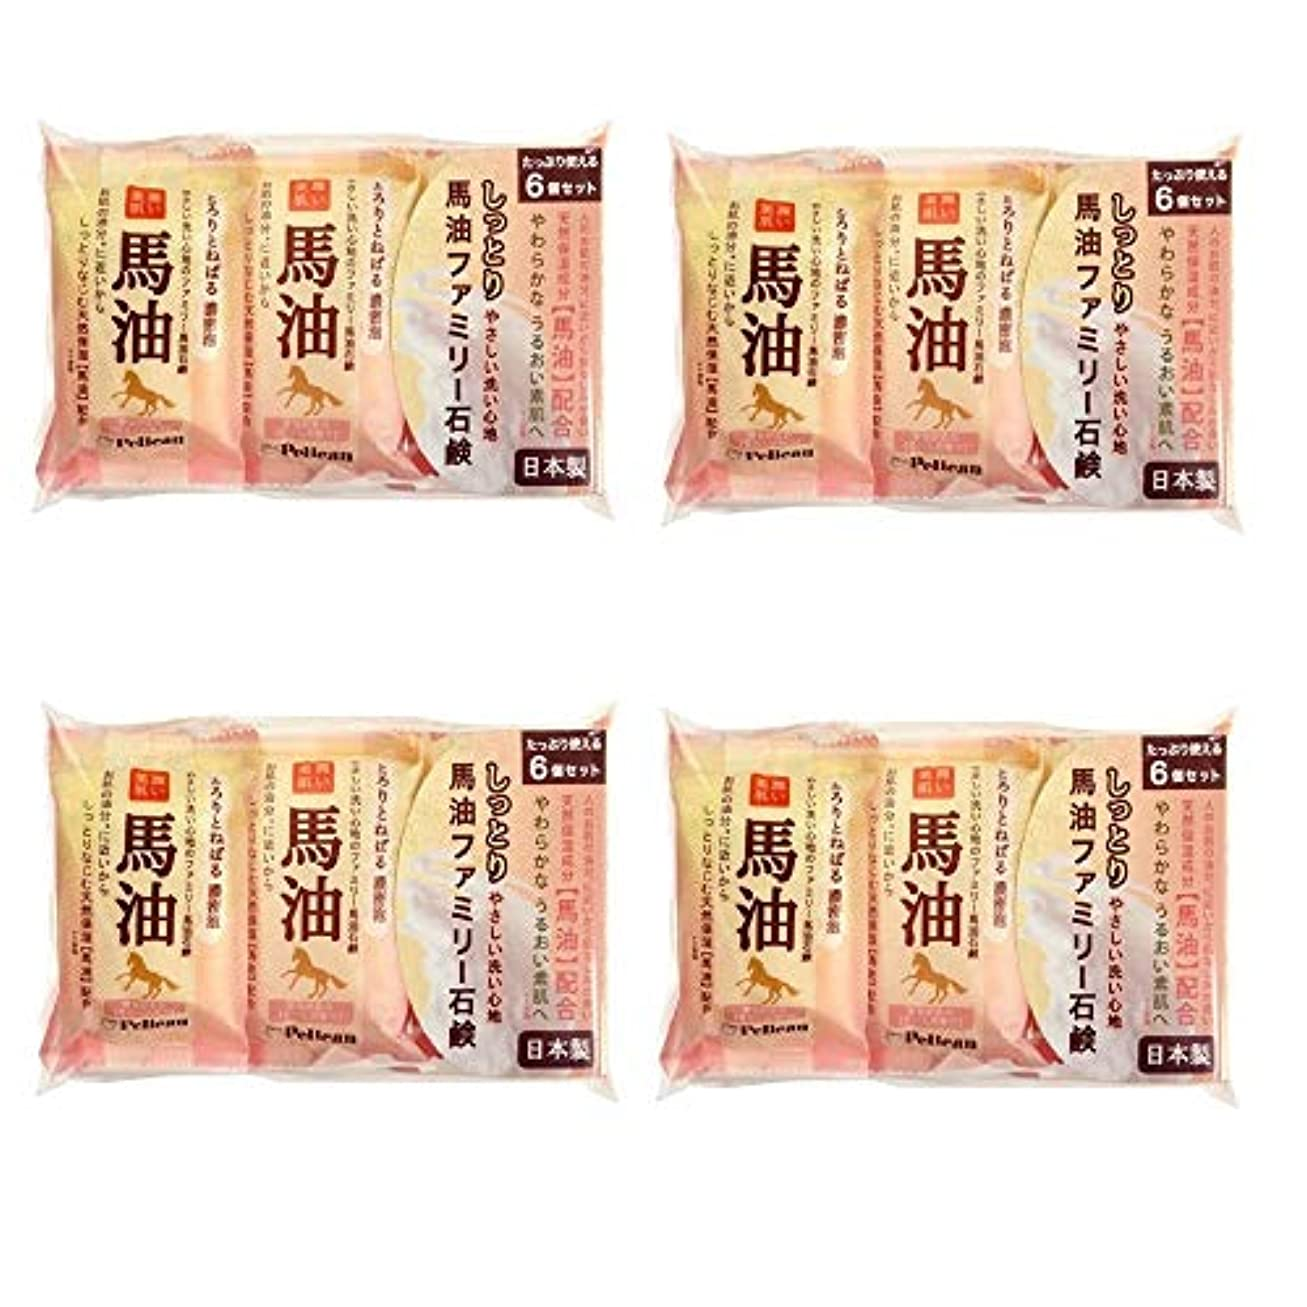 【まとめ買い】ペリカン石鹸 ファミリー馬油石けん 80g×6個【×4個】